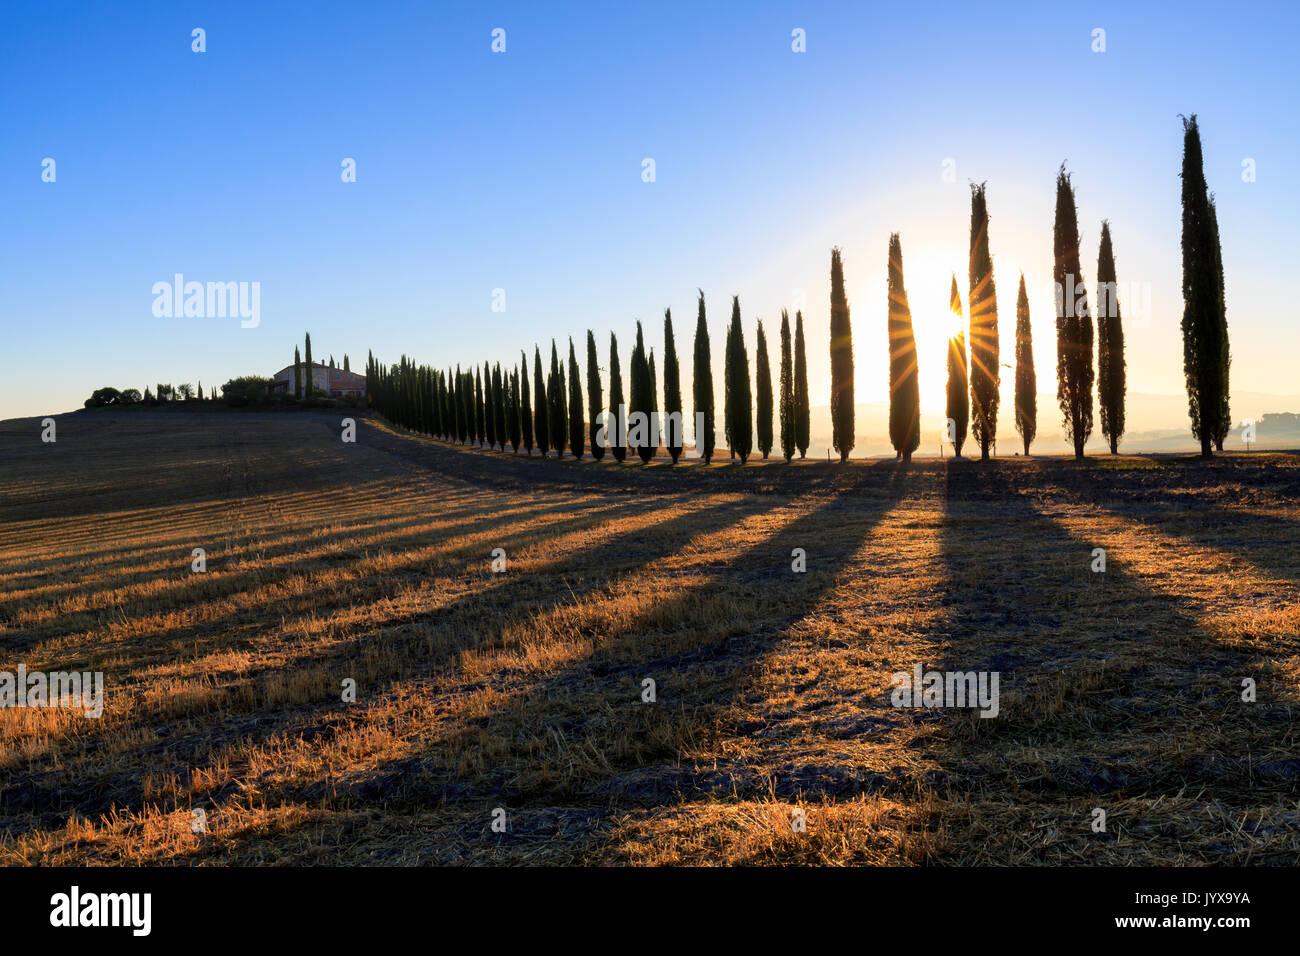 Paisaje toscano con cipreses y granja al amanecer, alba, San Quirico d'Orcia, Val d'Orcia, Toscana, Italia Imagen De Stock